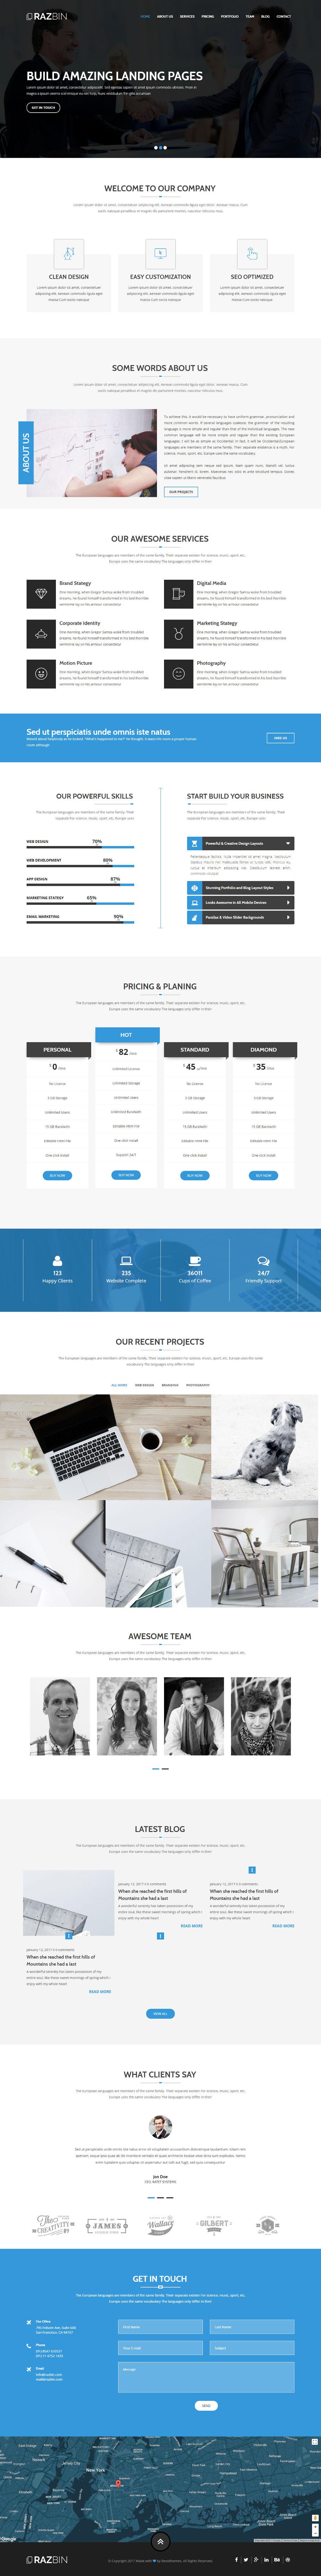 Razbin - Digital Agency Web Template